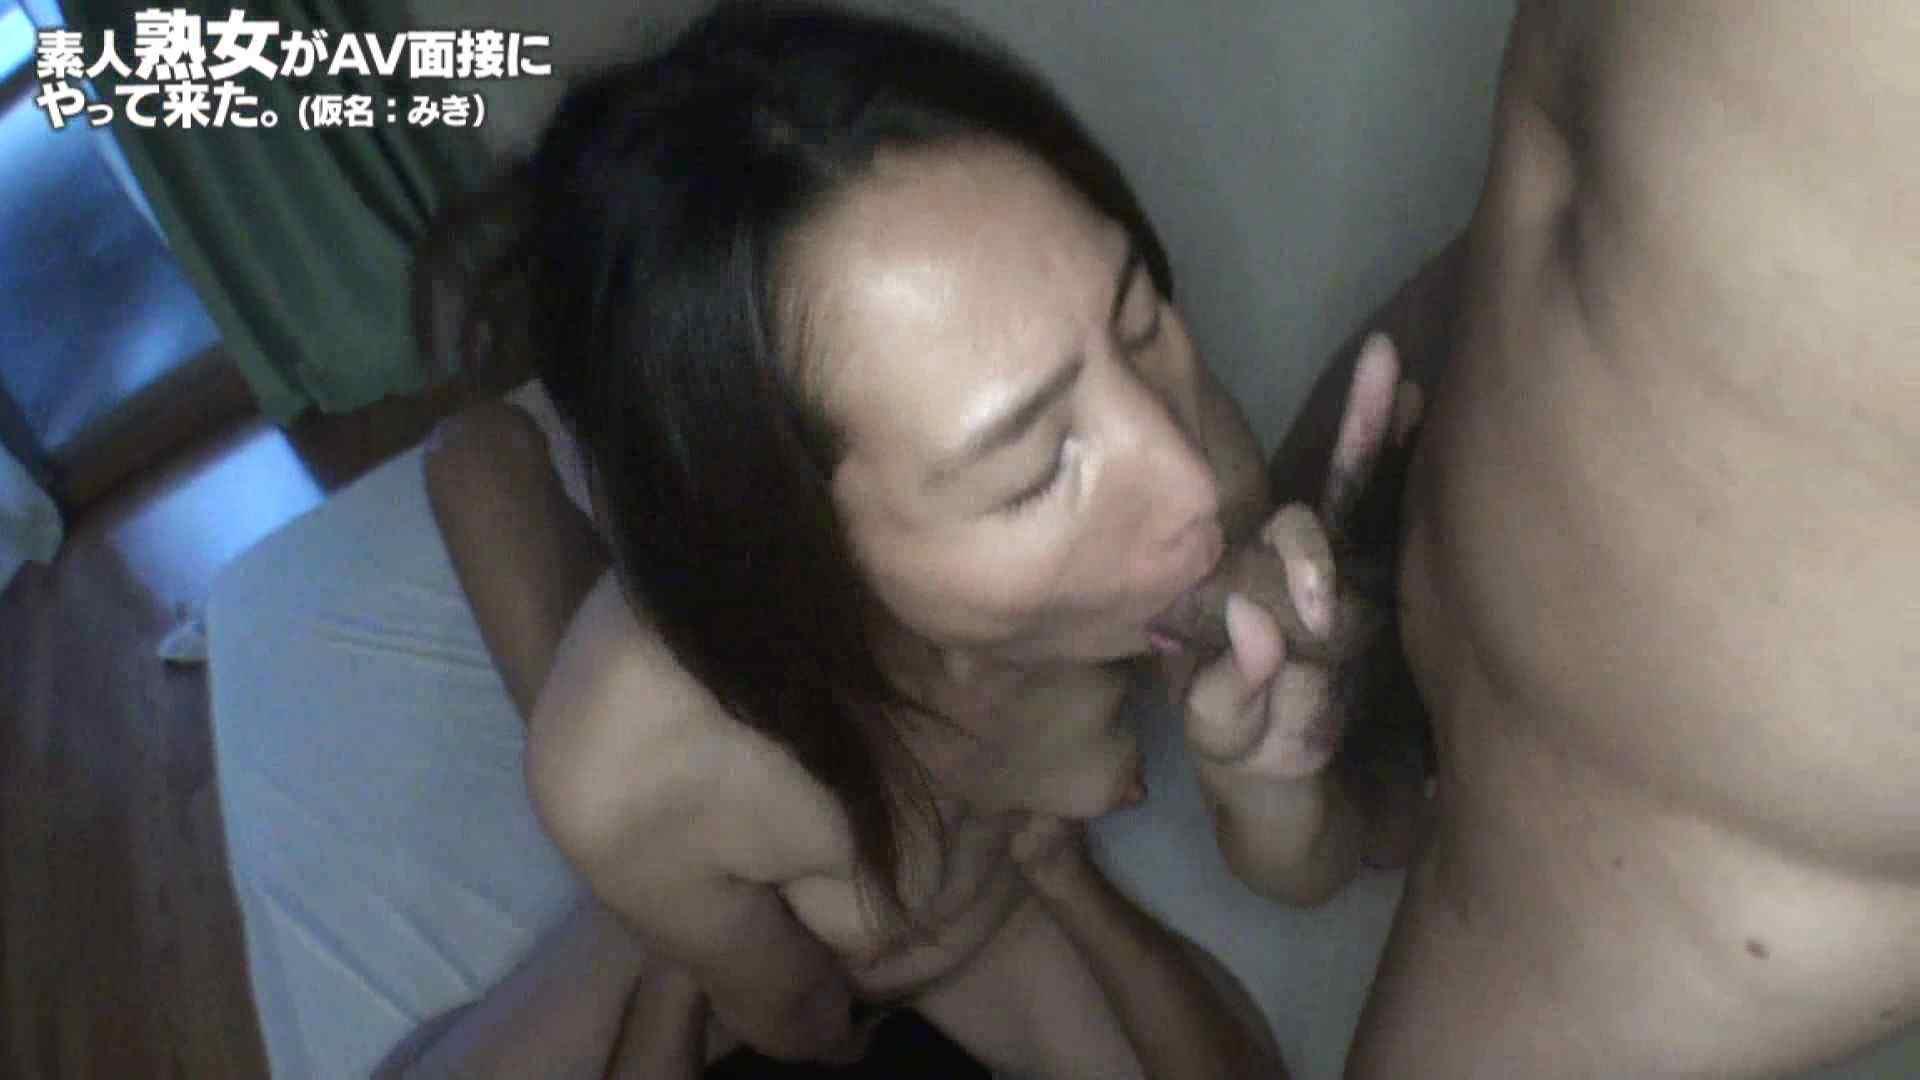 素人熟女がAV面接にやってきた (熟女)みきさんVOL.04(後編) セックス   3P  58連発 31